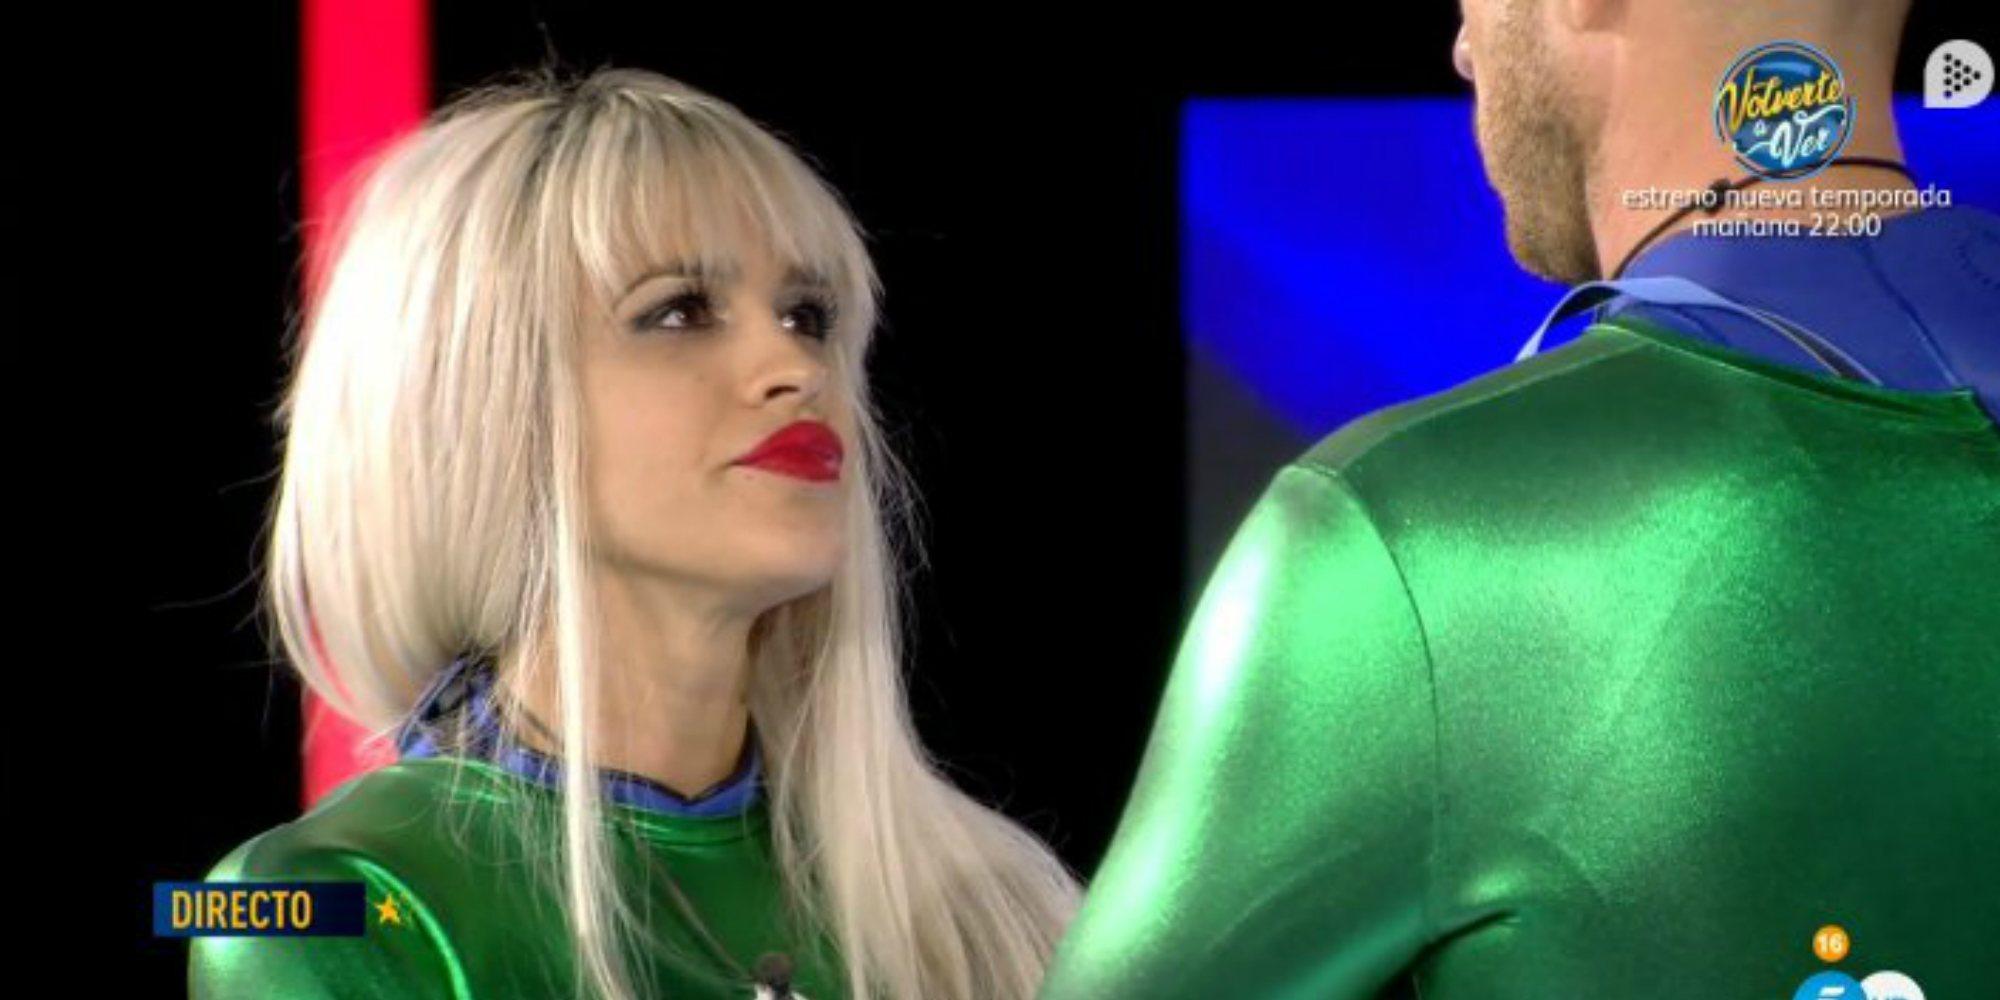 """Ylenia mantiene un tenso cara a cara con Fede en 'GH DÚO': """"Veo odio y falsedad en sus ojos. No me fío de él"""""""